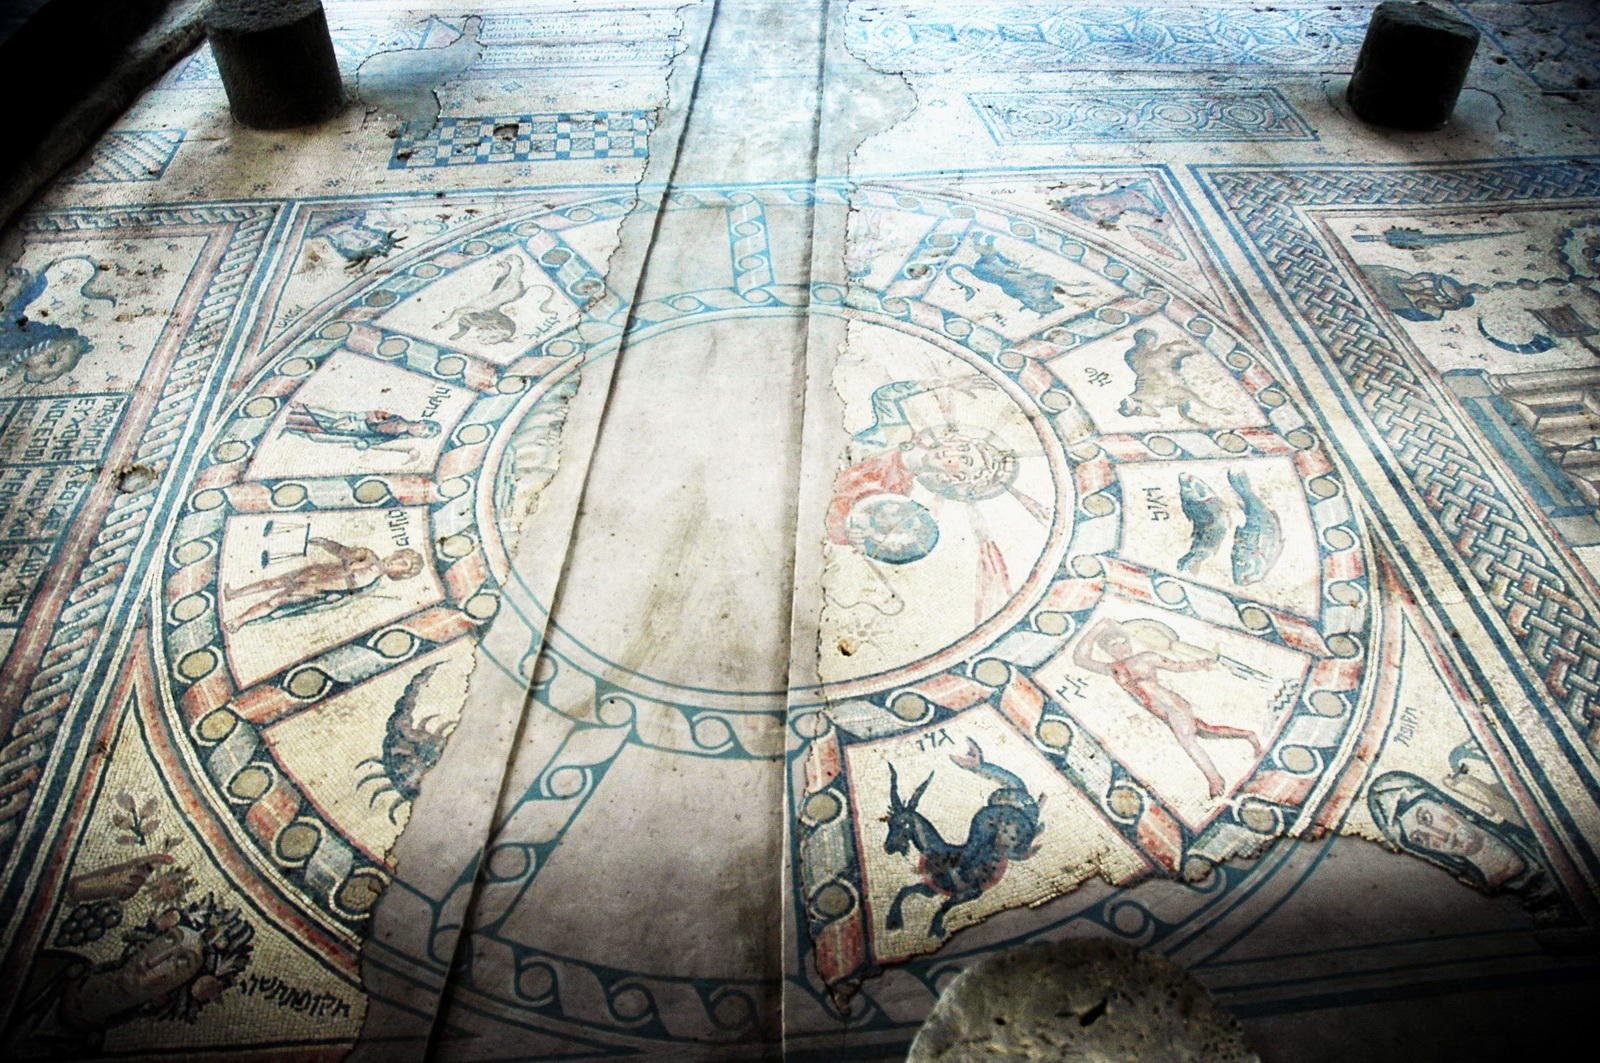 בית הכנסת חמת טבריה - רצפת הפסיפס  כולה